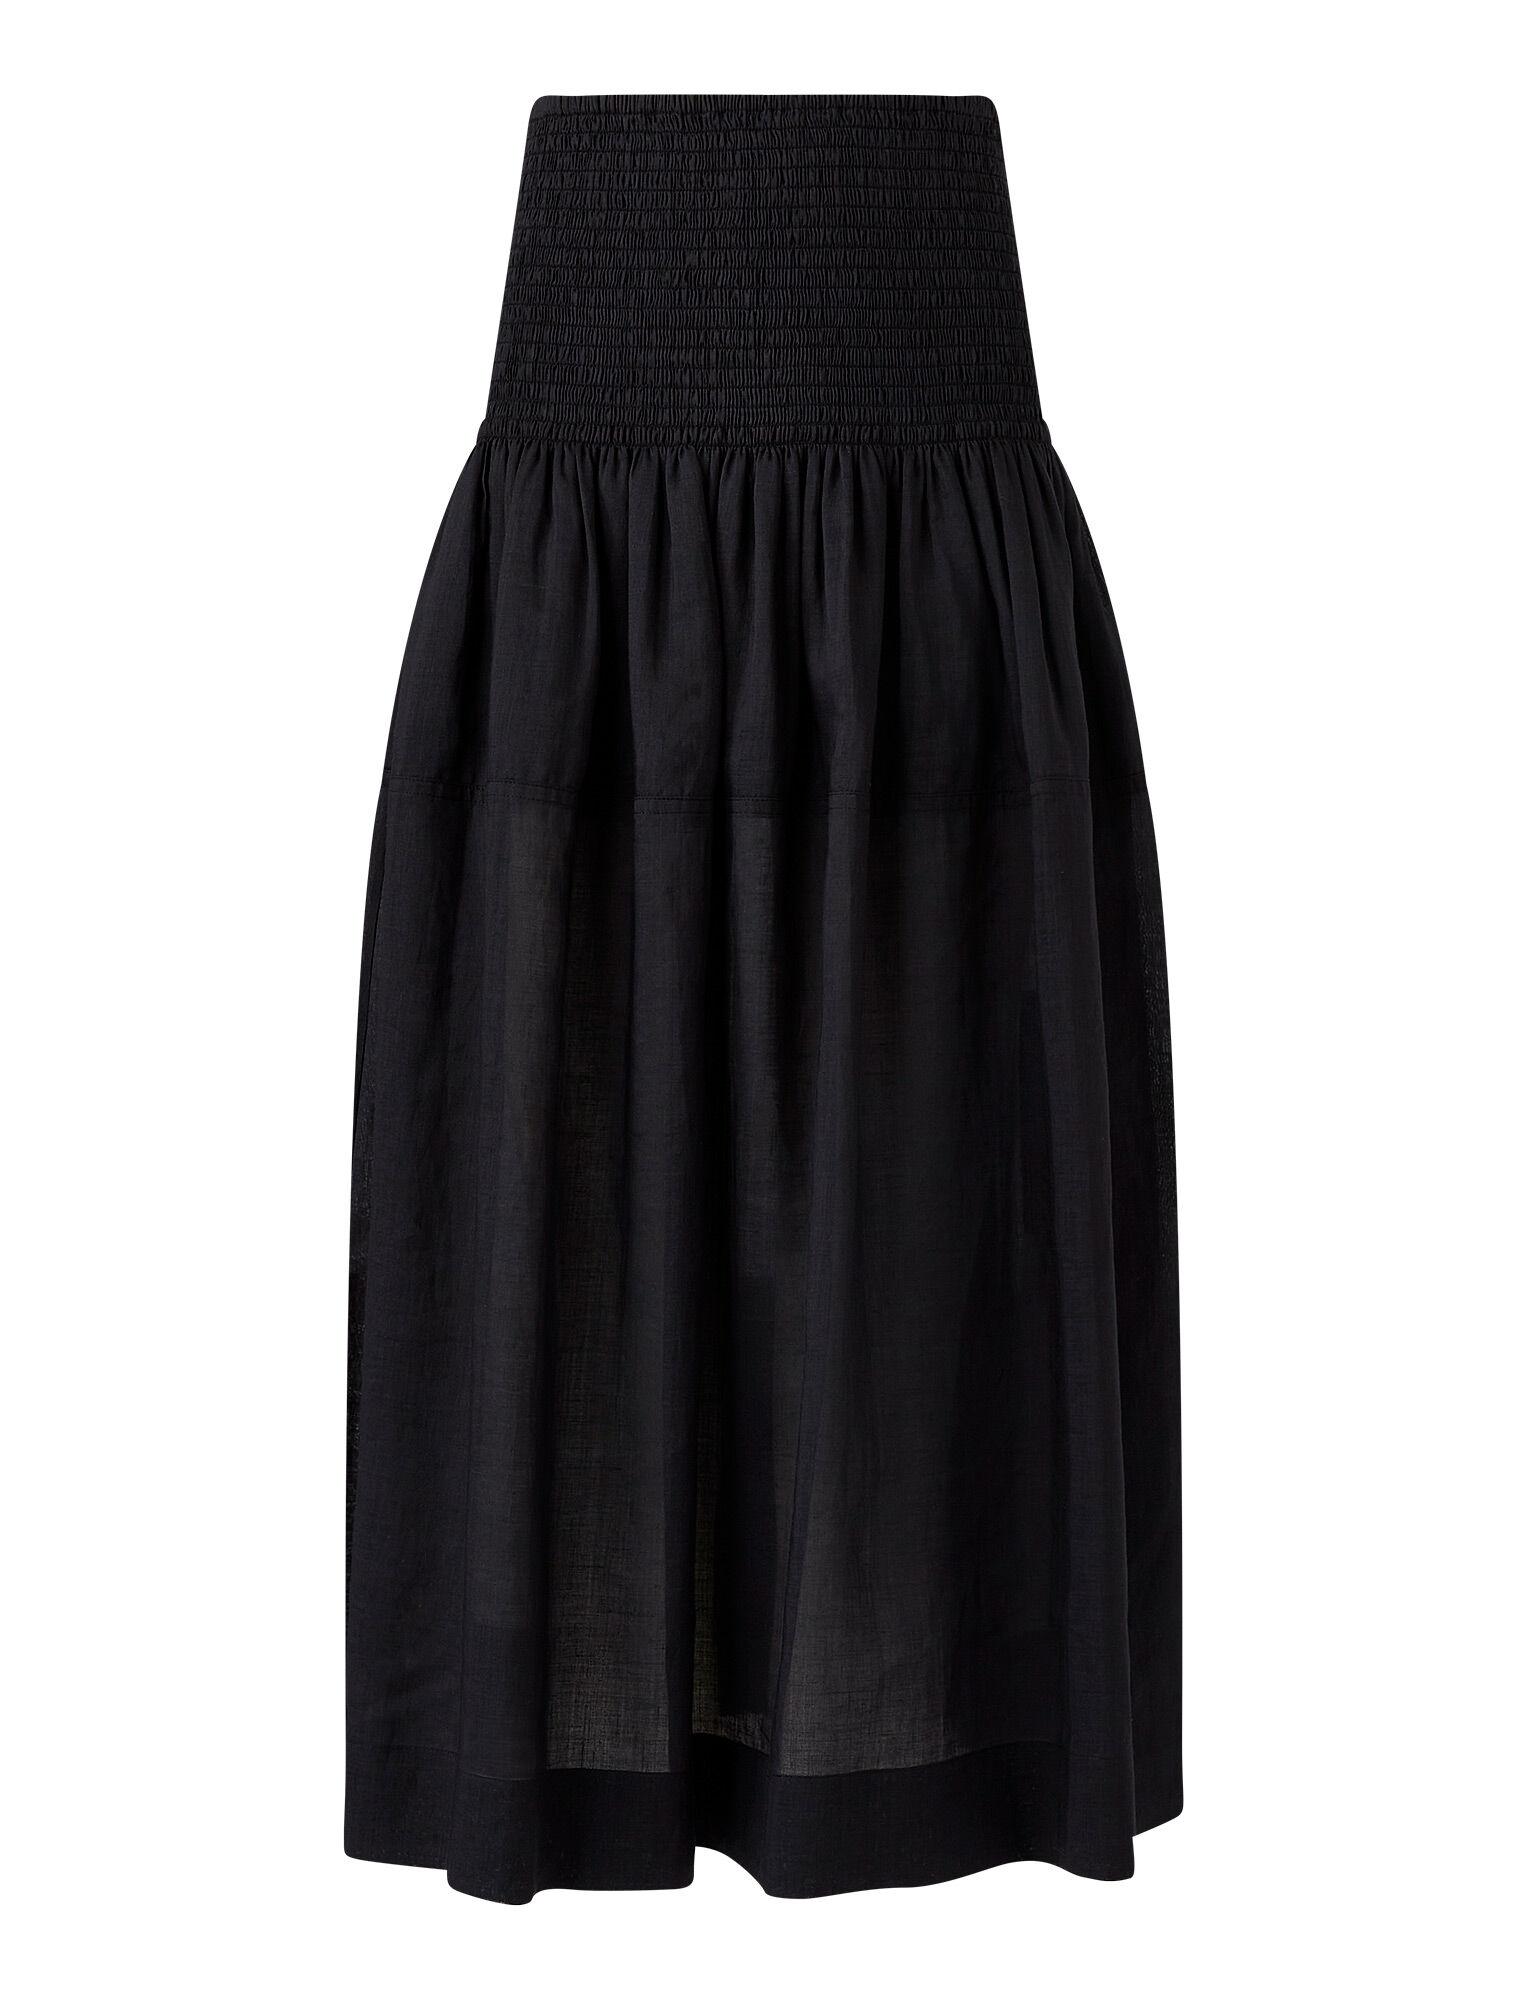 Joseph, Ramie Voile Senzo Skirt, in BLACK